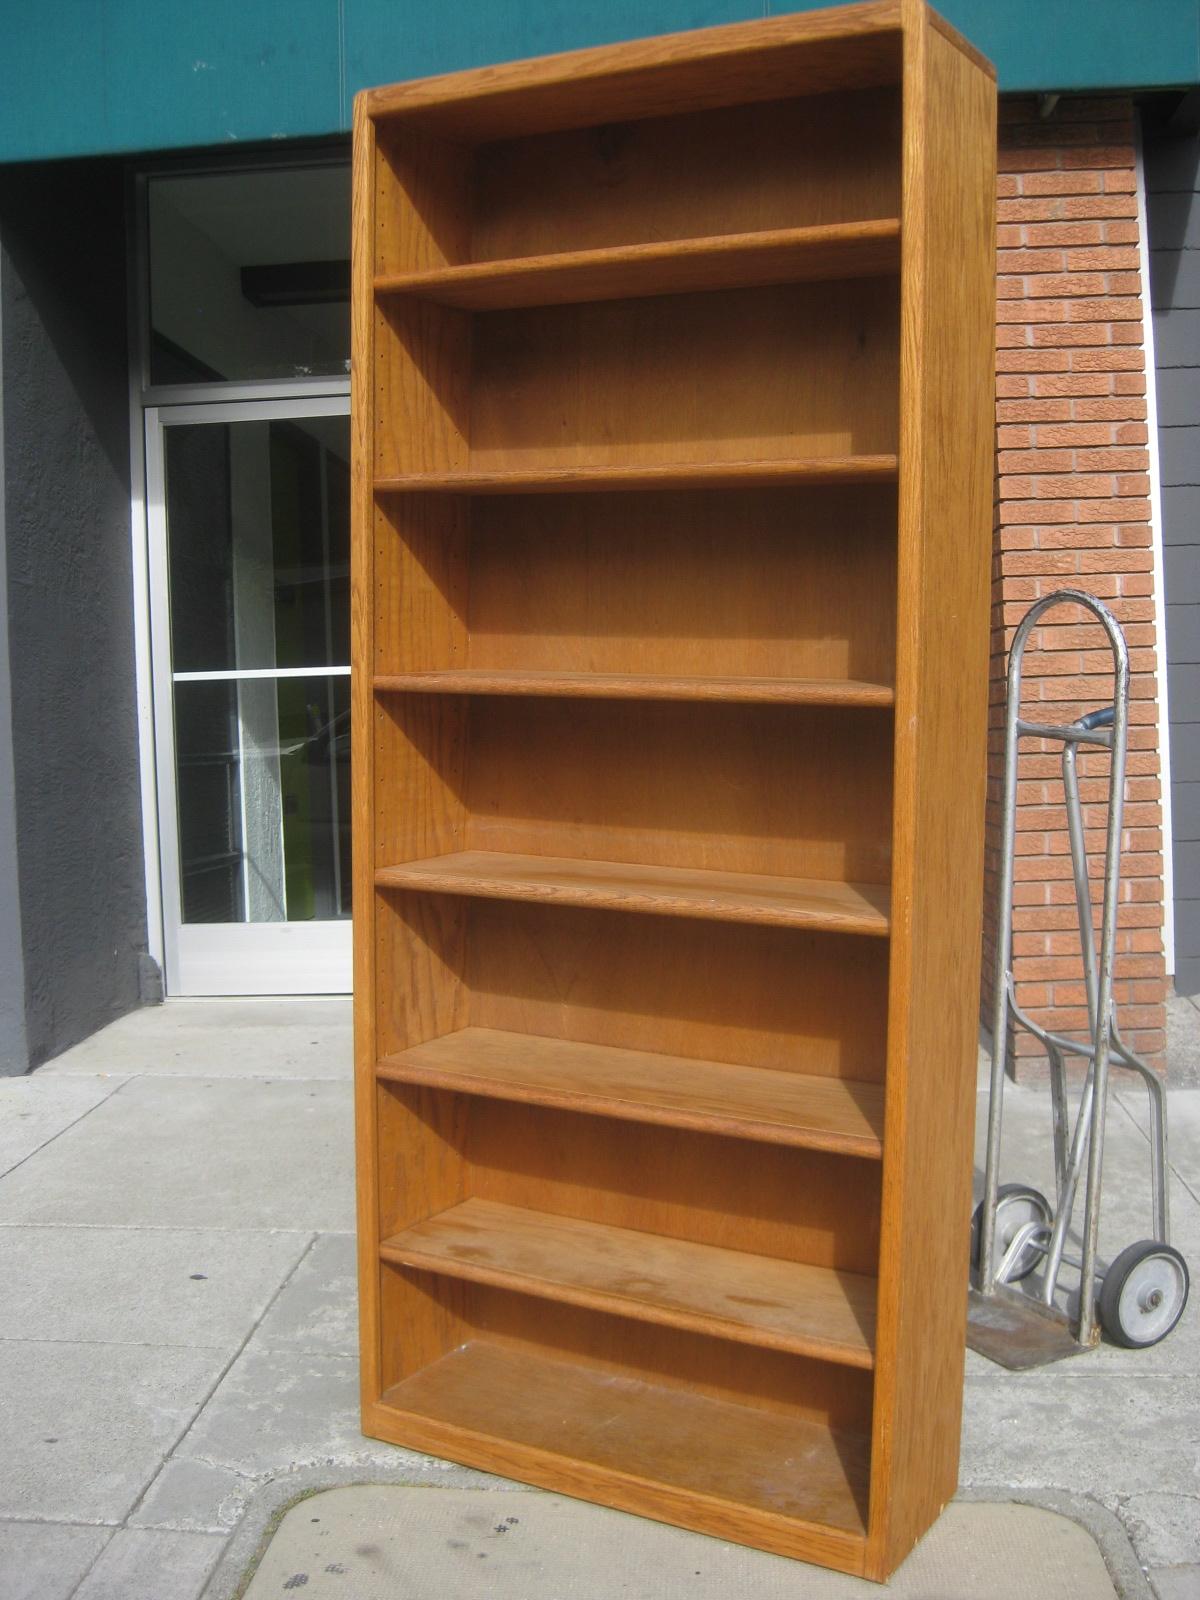 Oak Bookshelves Idi Design Intended For Oak Bookshelves (#12 of 15)